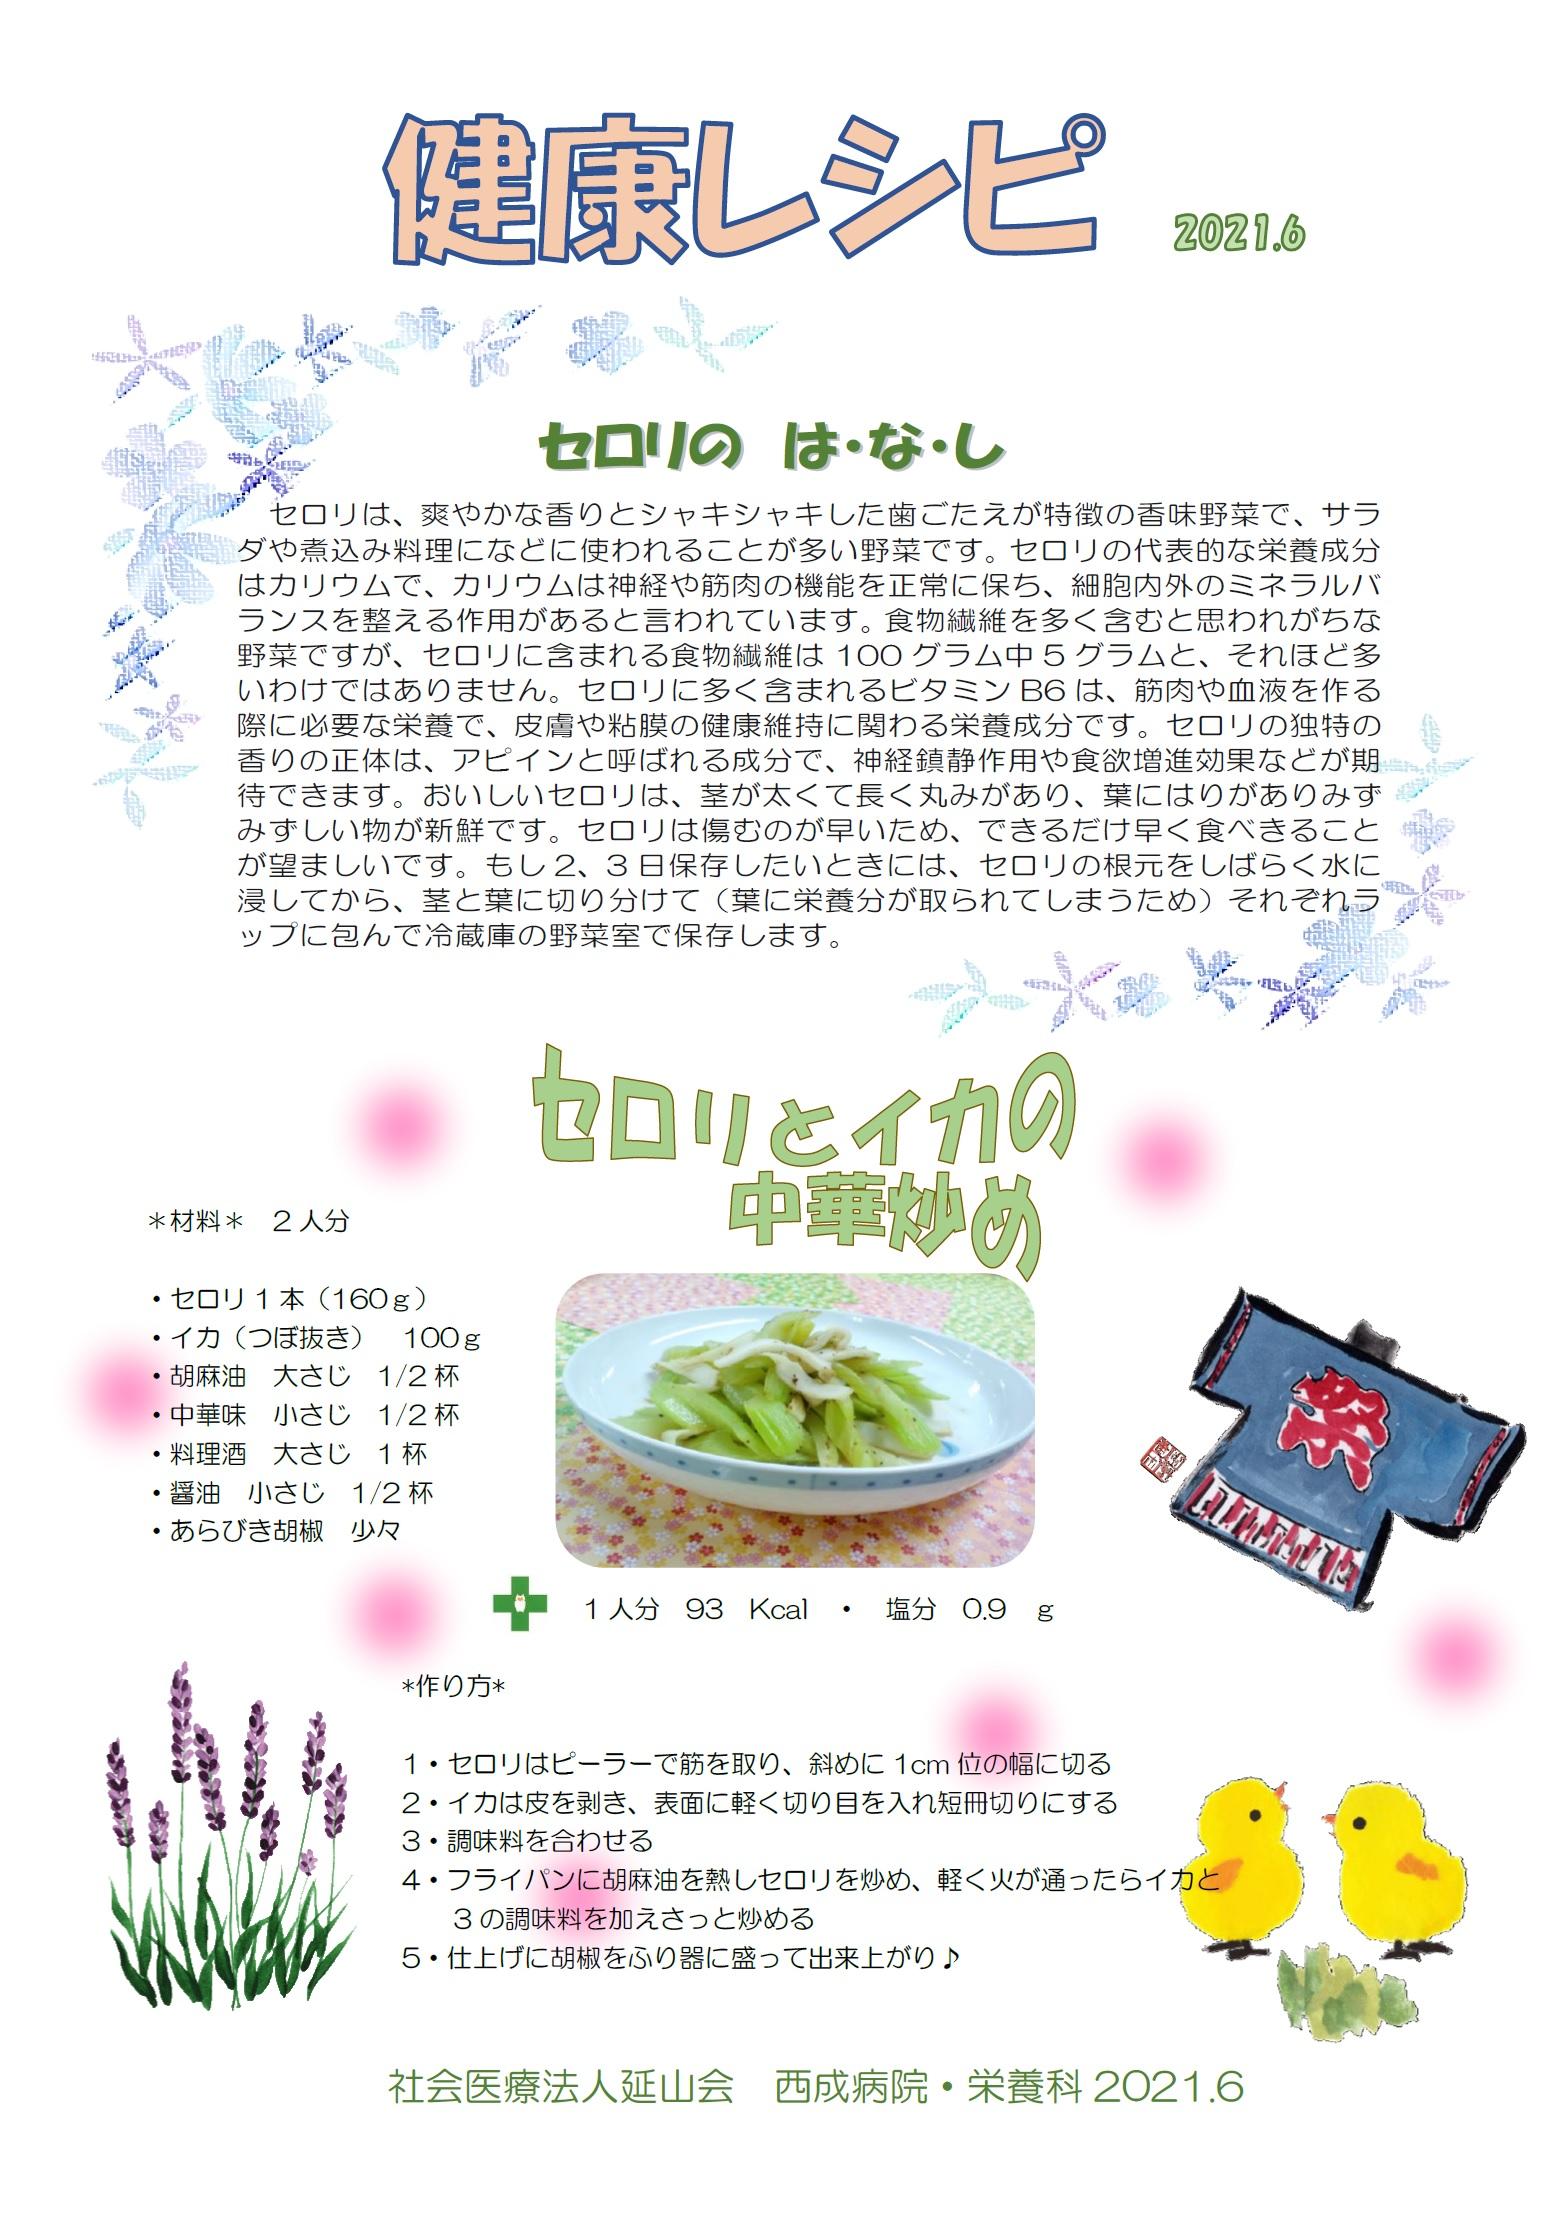 健康レシピ2021.6.jpg